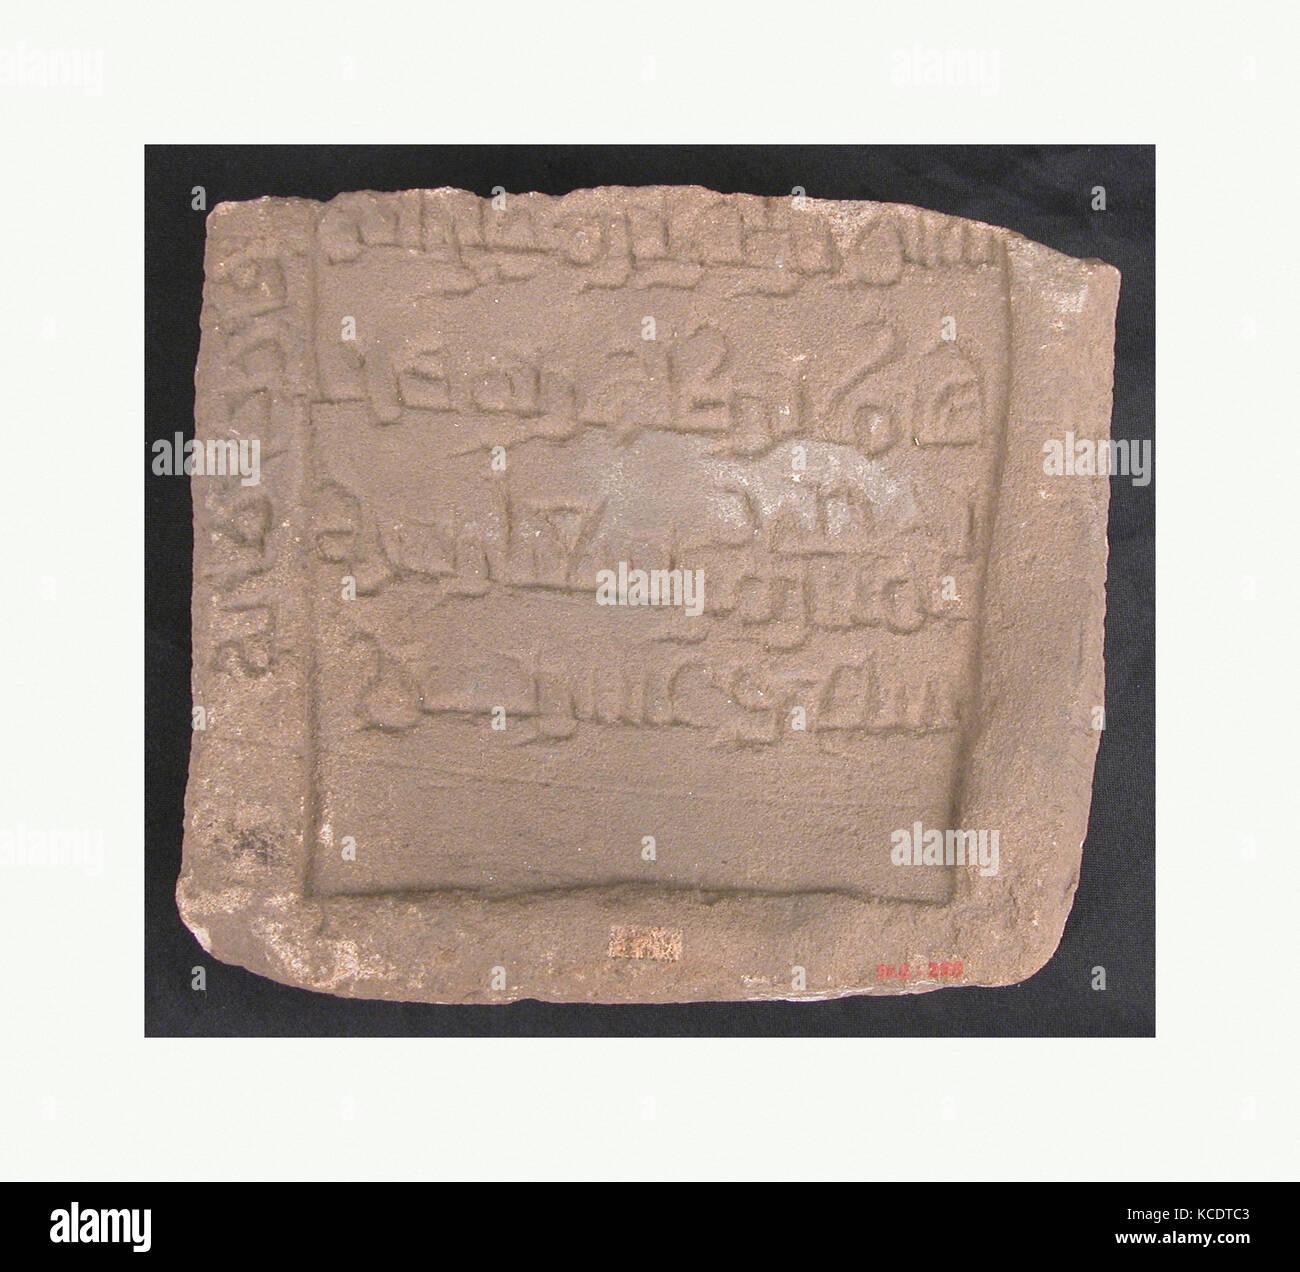 Tombstone, en date du 4 juin 1036, à partir de l'Égypte, le grès, la pierre Photo Stock